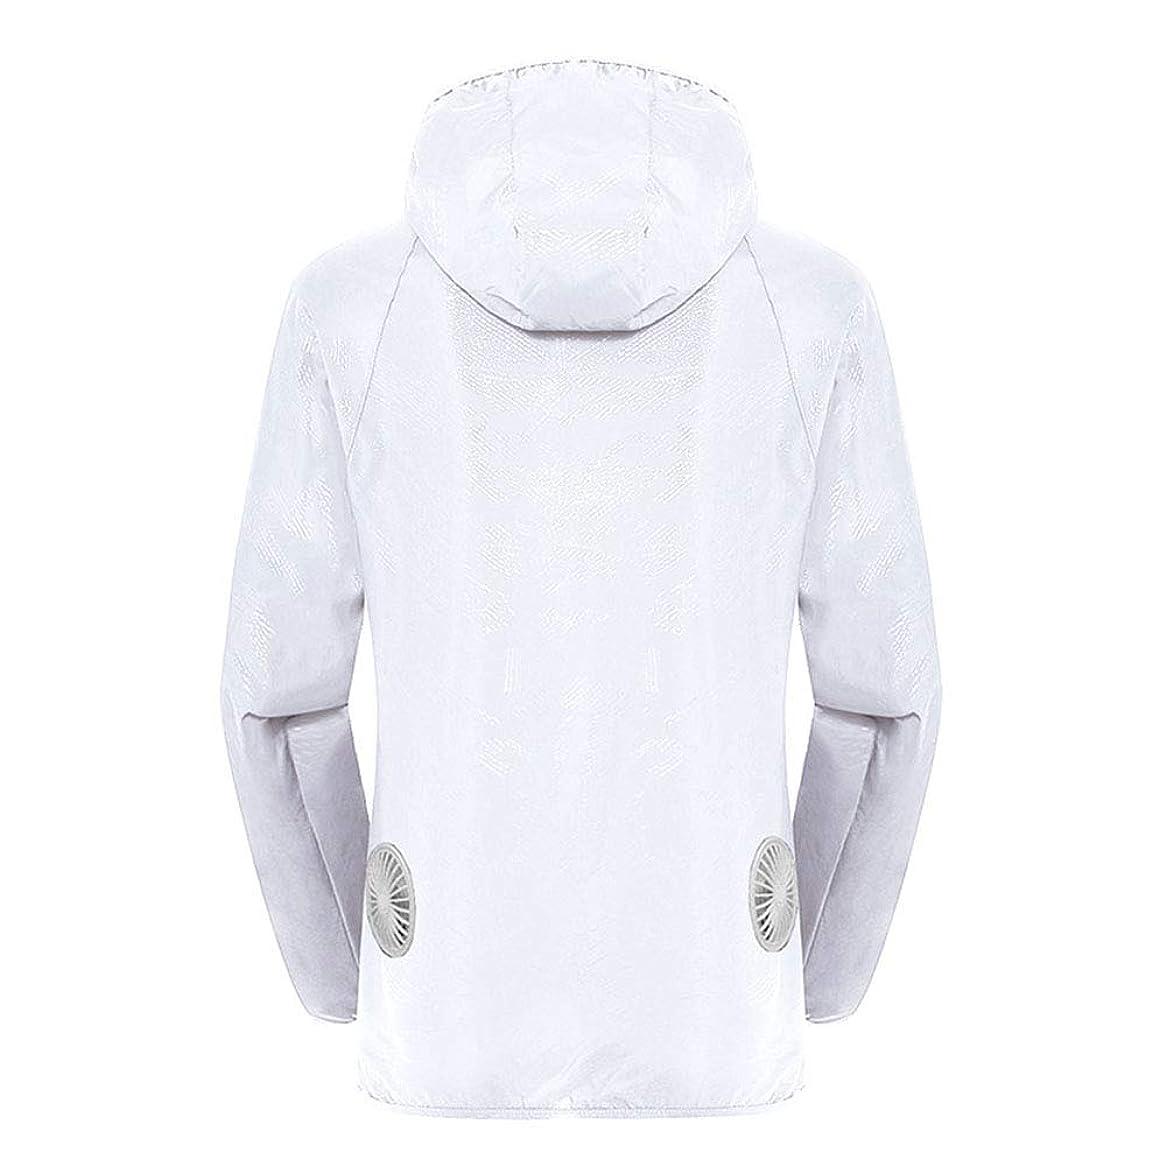 約束する贅沢最も遠い夏のスマート3速エアコンジャケット日焼け止め衣類釣りスーツ水のしぶきの衣服の飛散を防ぐ(充電宝物を含む),White,XXL